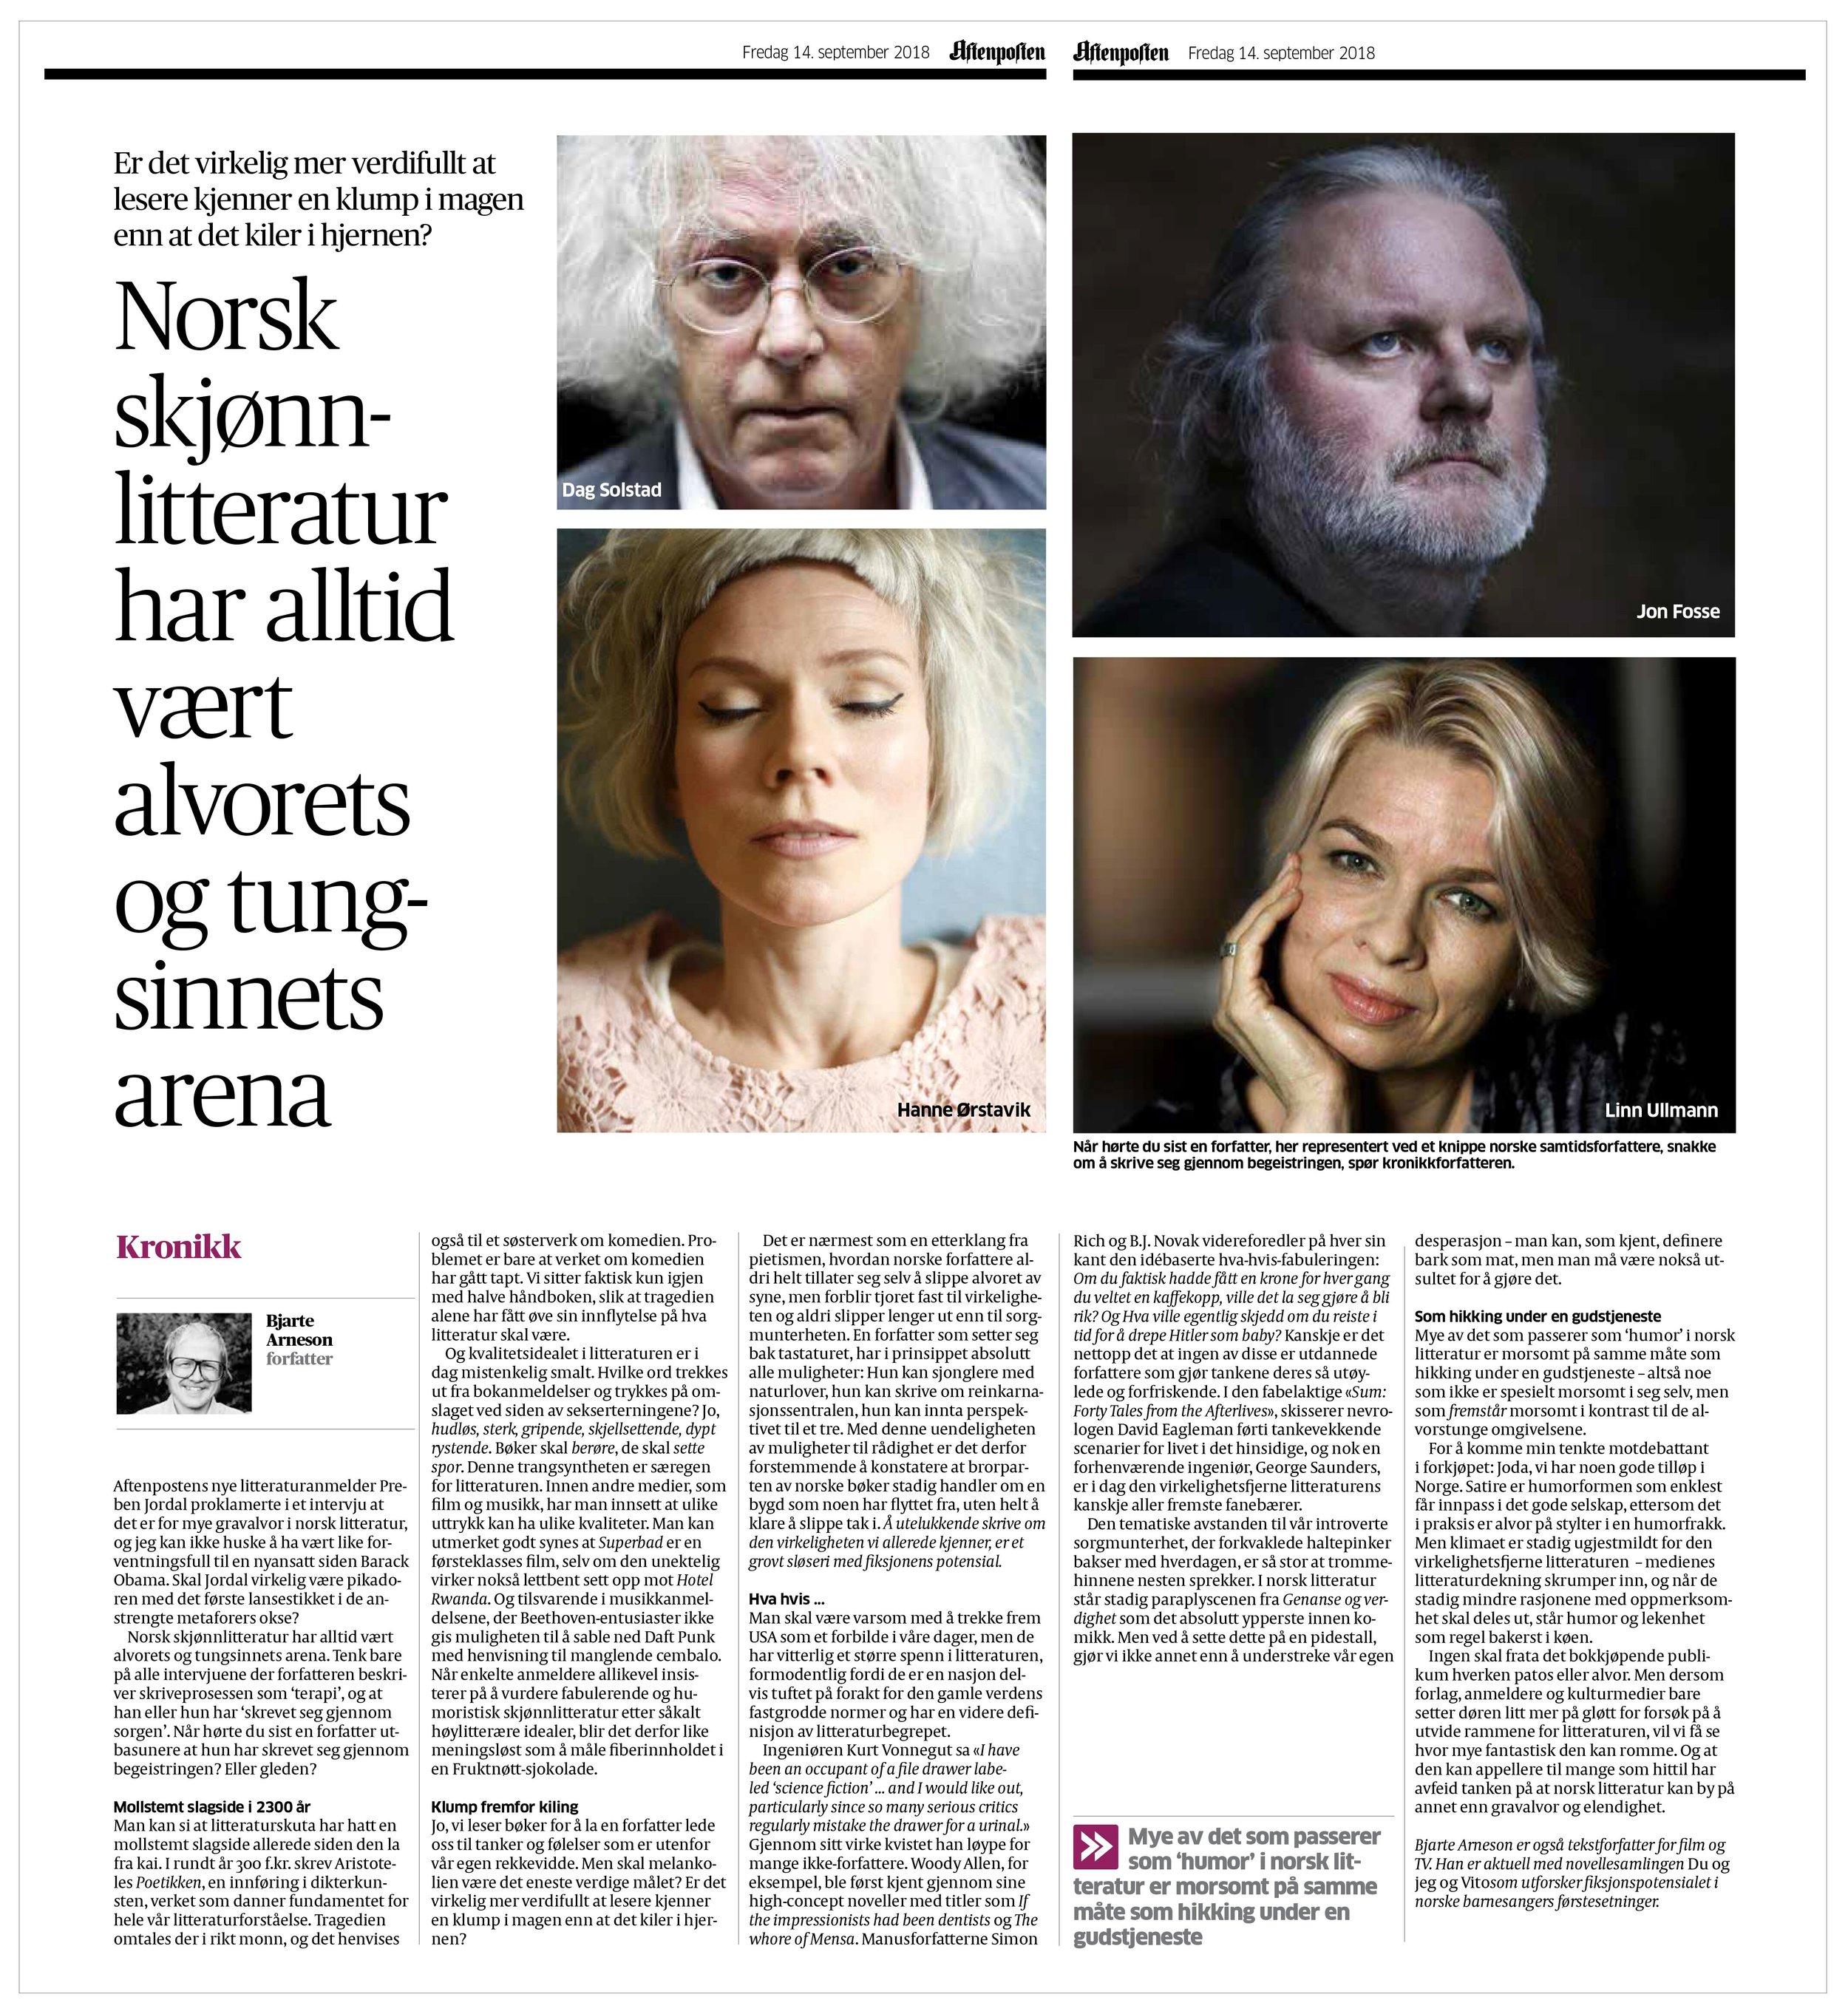 Kronikk om mangelen på humor i norsk litteratur.